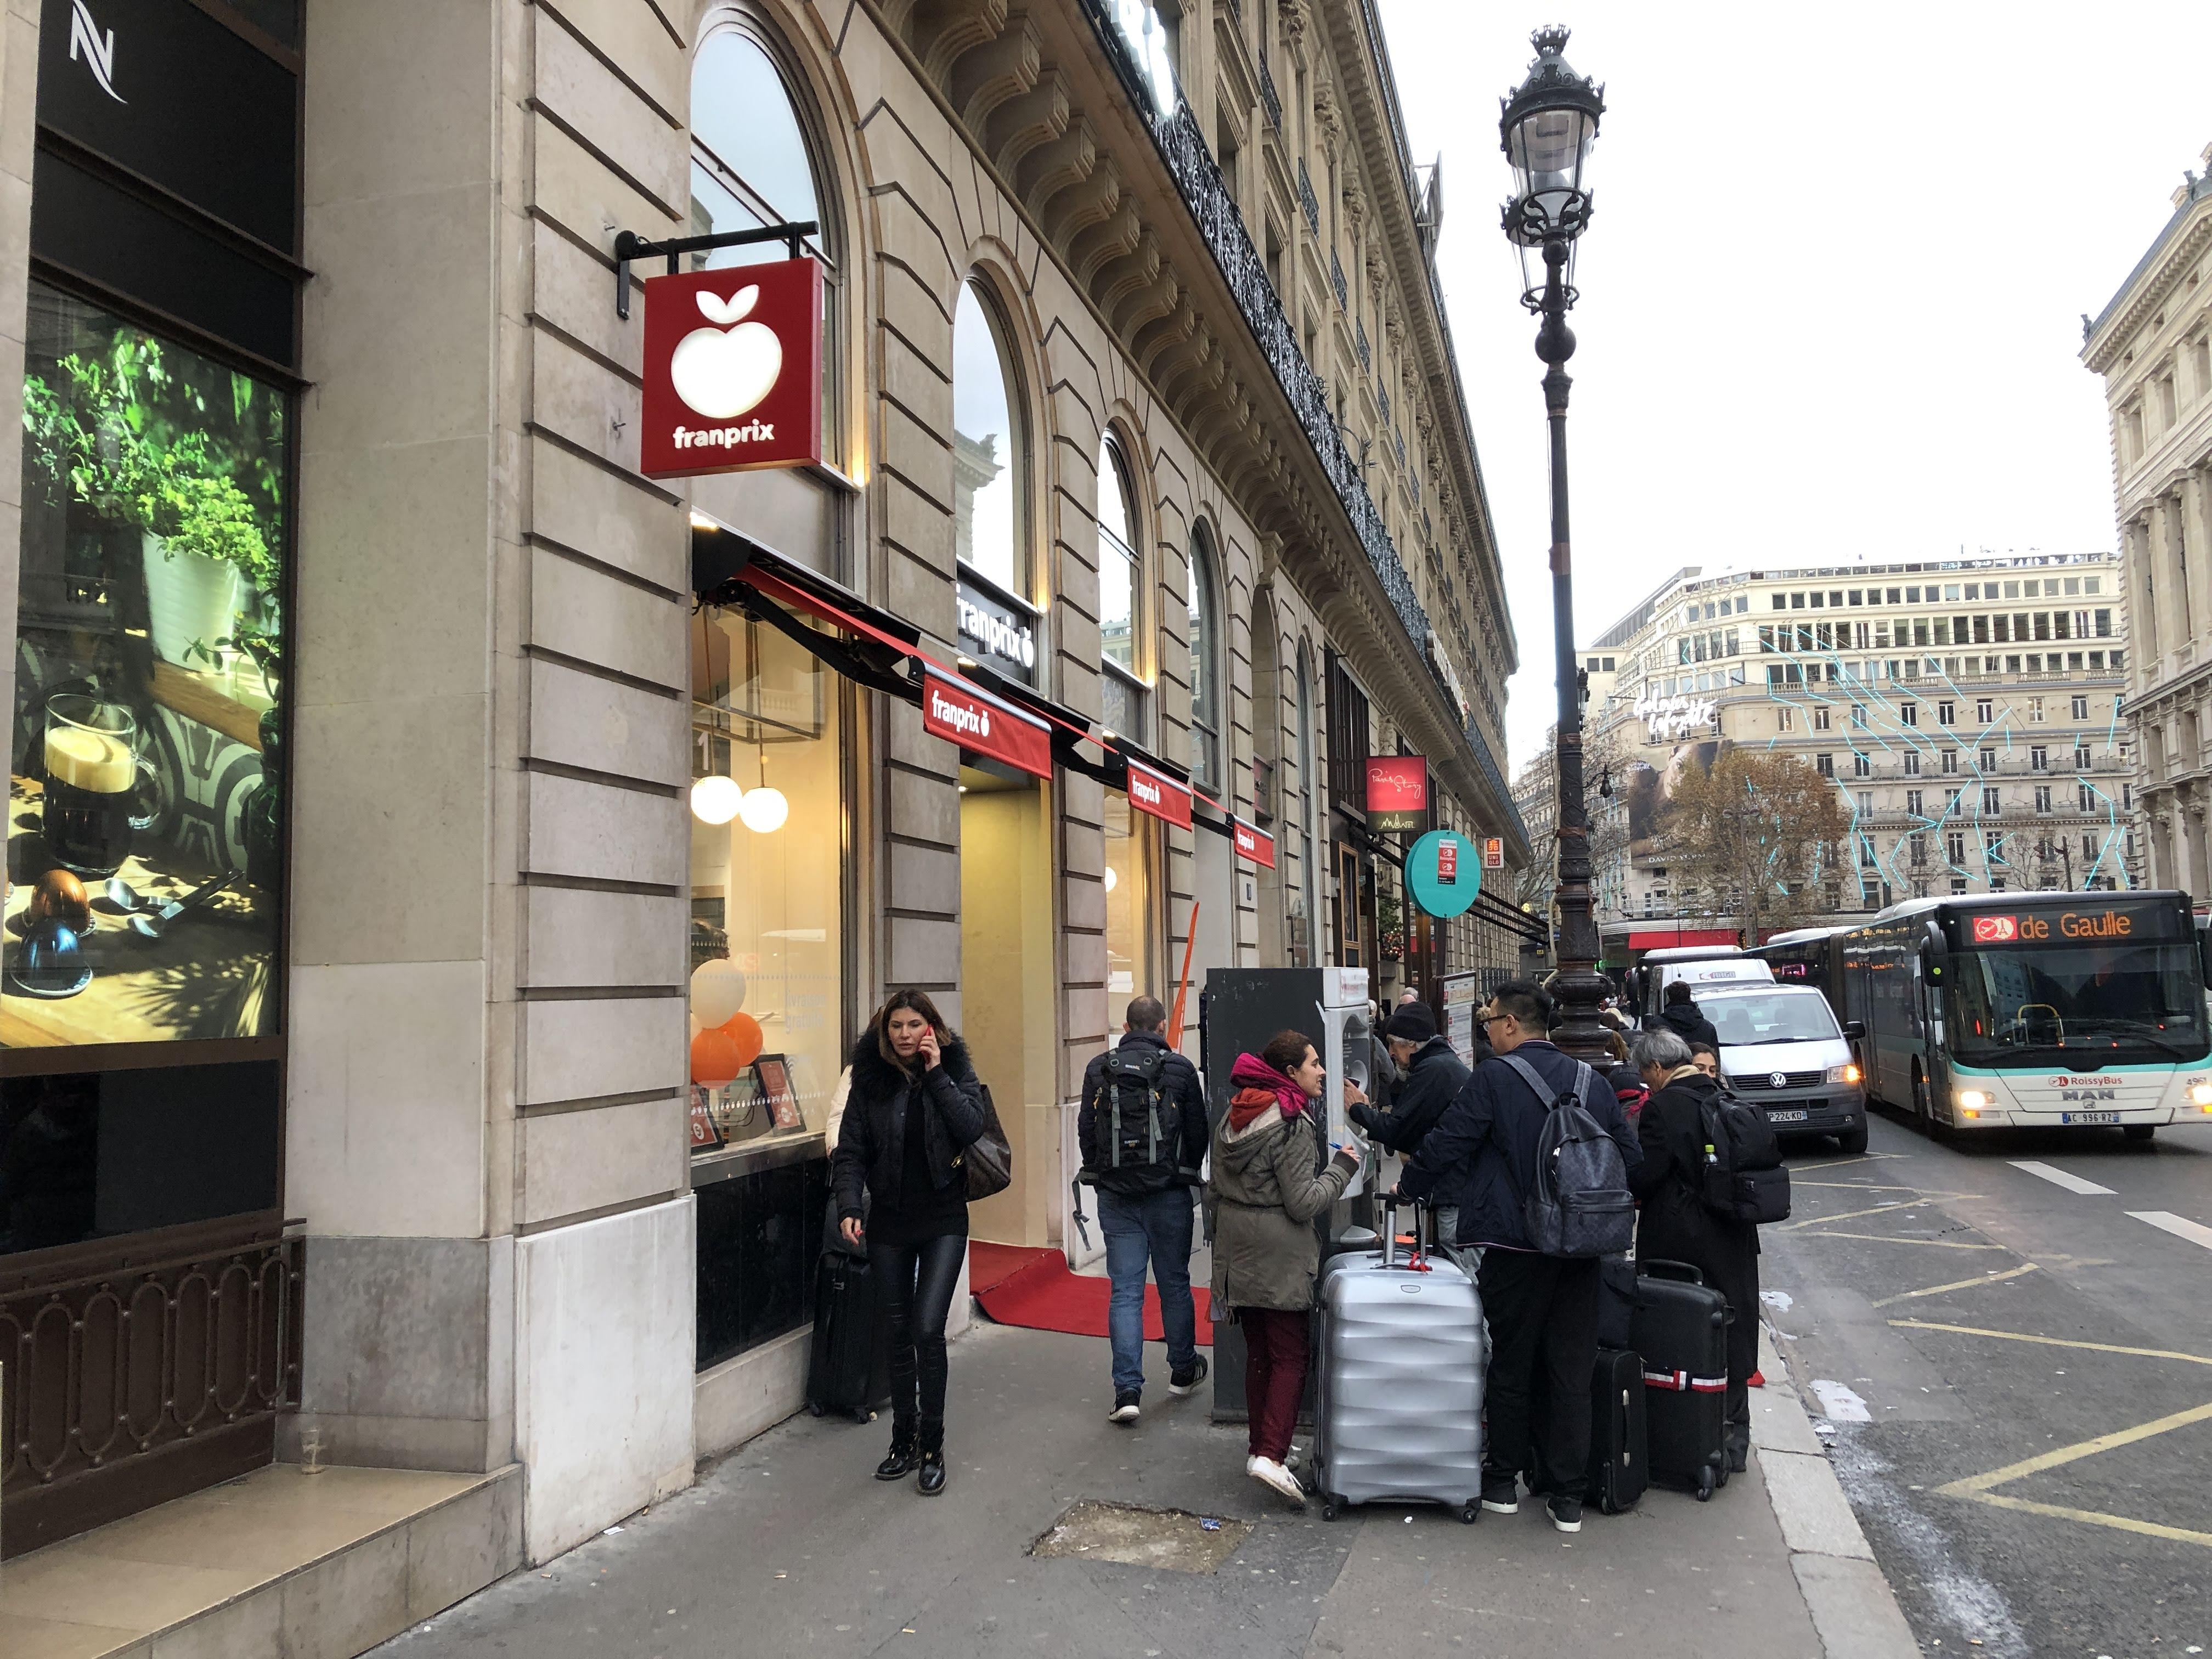 Paris roissybus